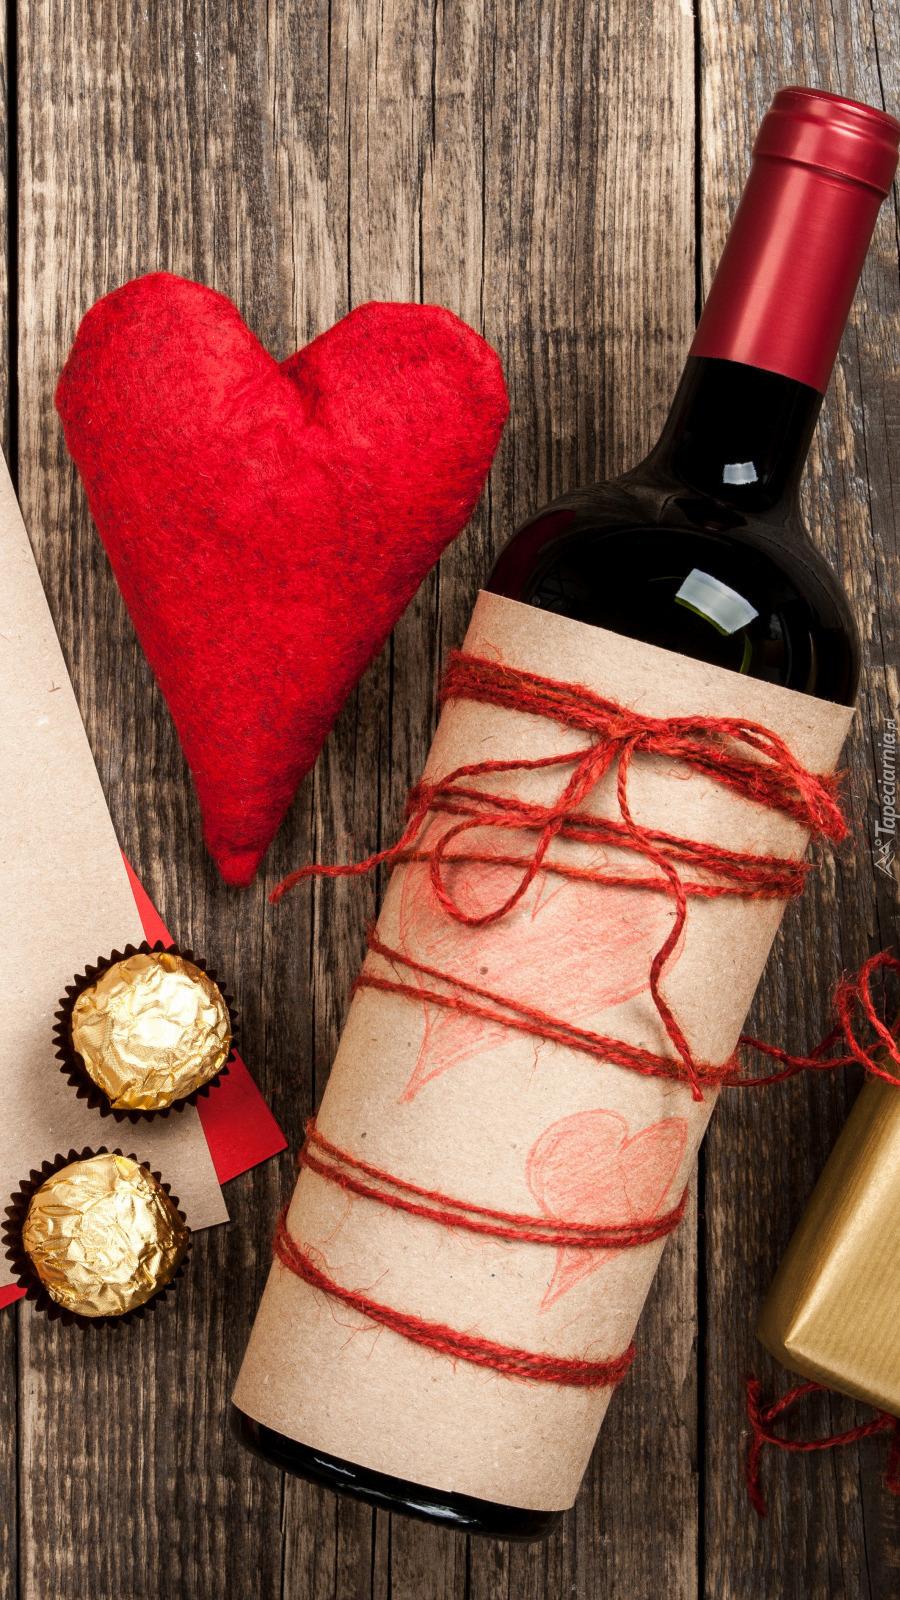 Butelka wina obok serca i czekoladek